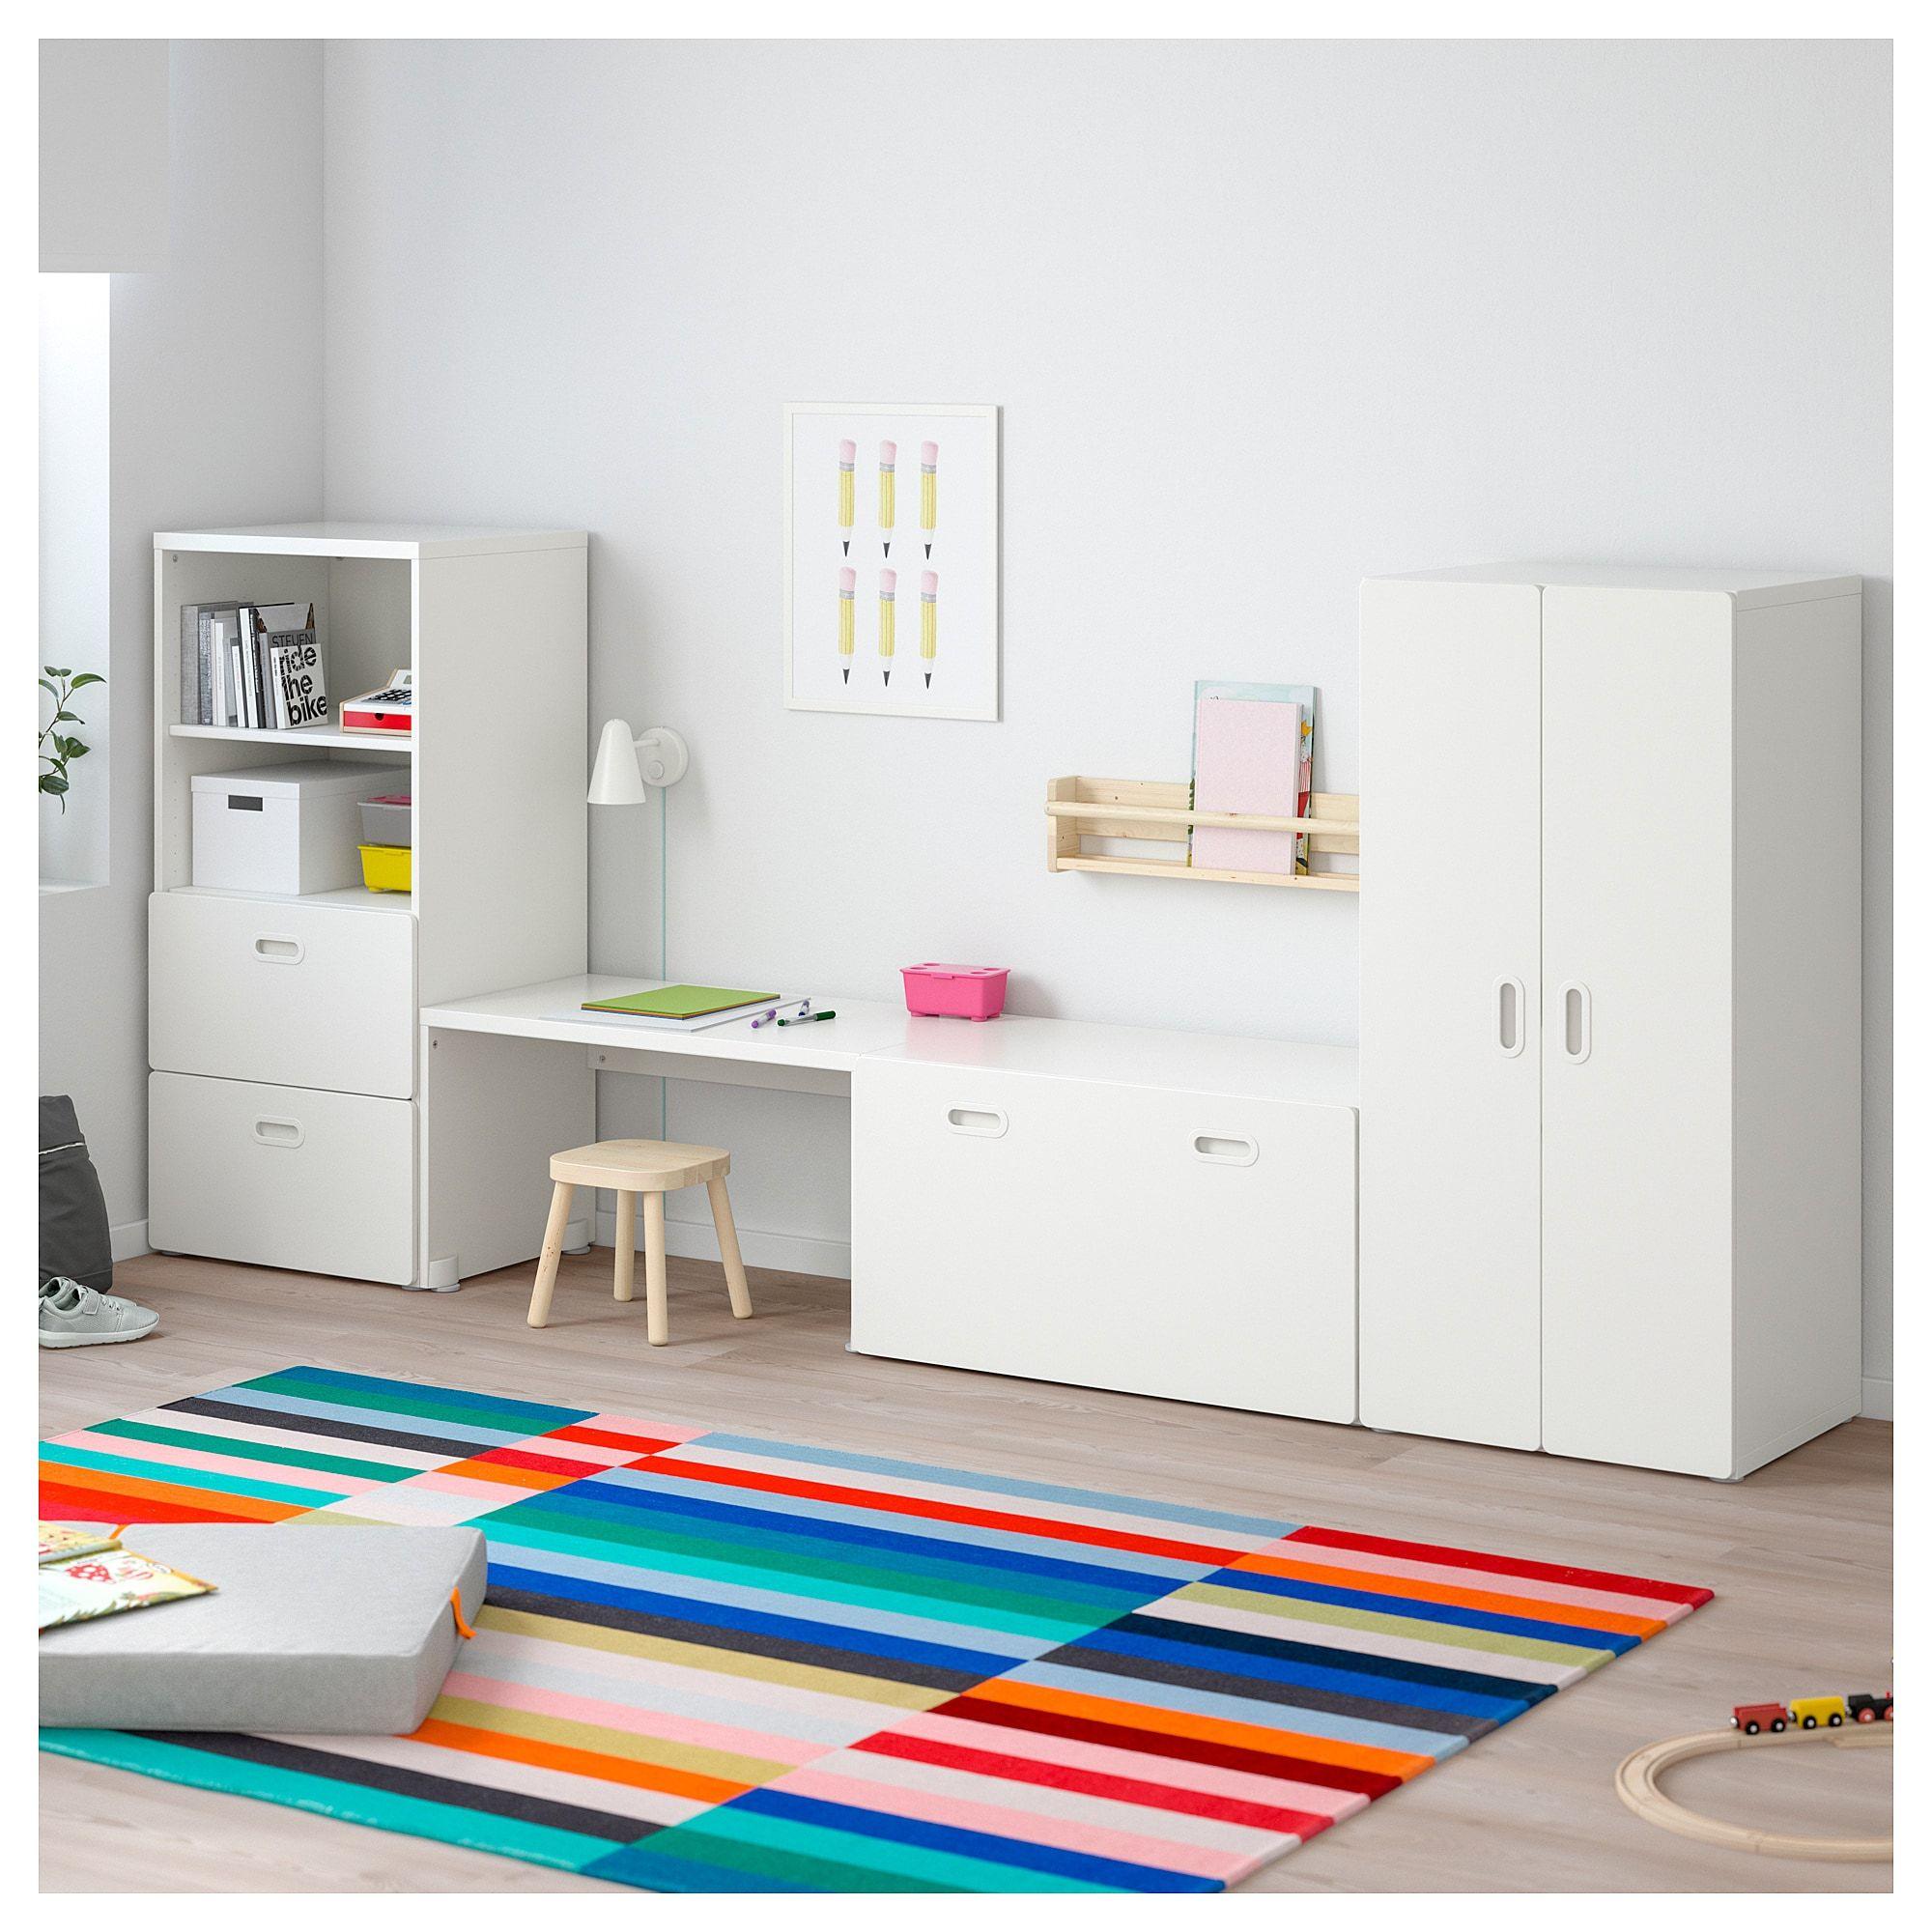 STUVA / FRITIDS Aufbewahrungskombi - weiß, weiß - IKEA Österreich